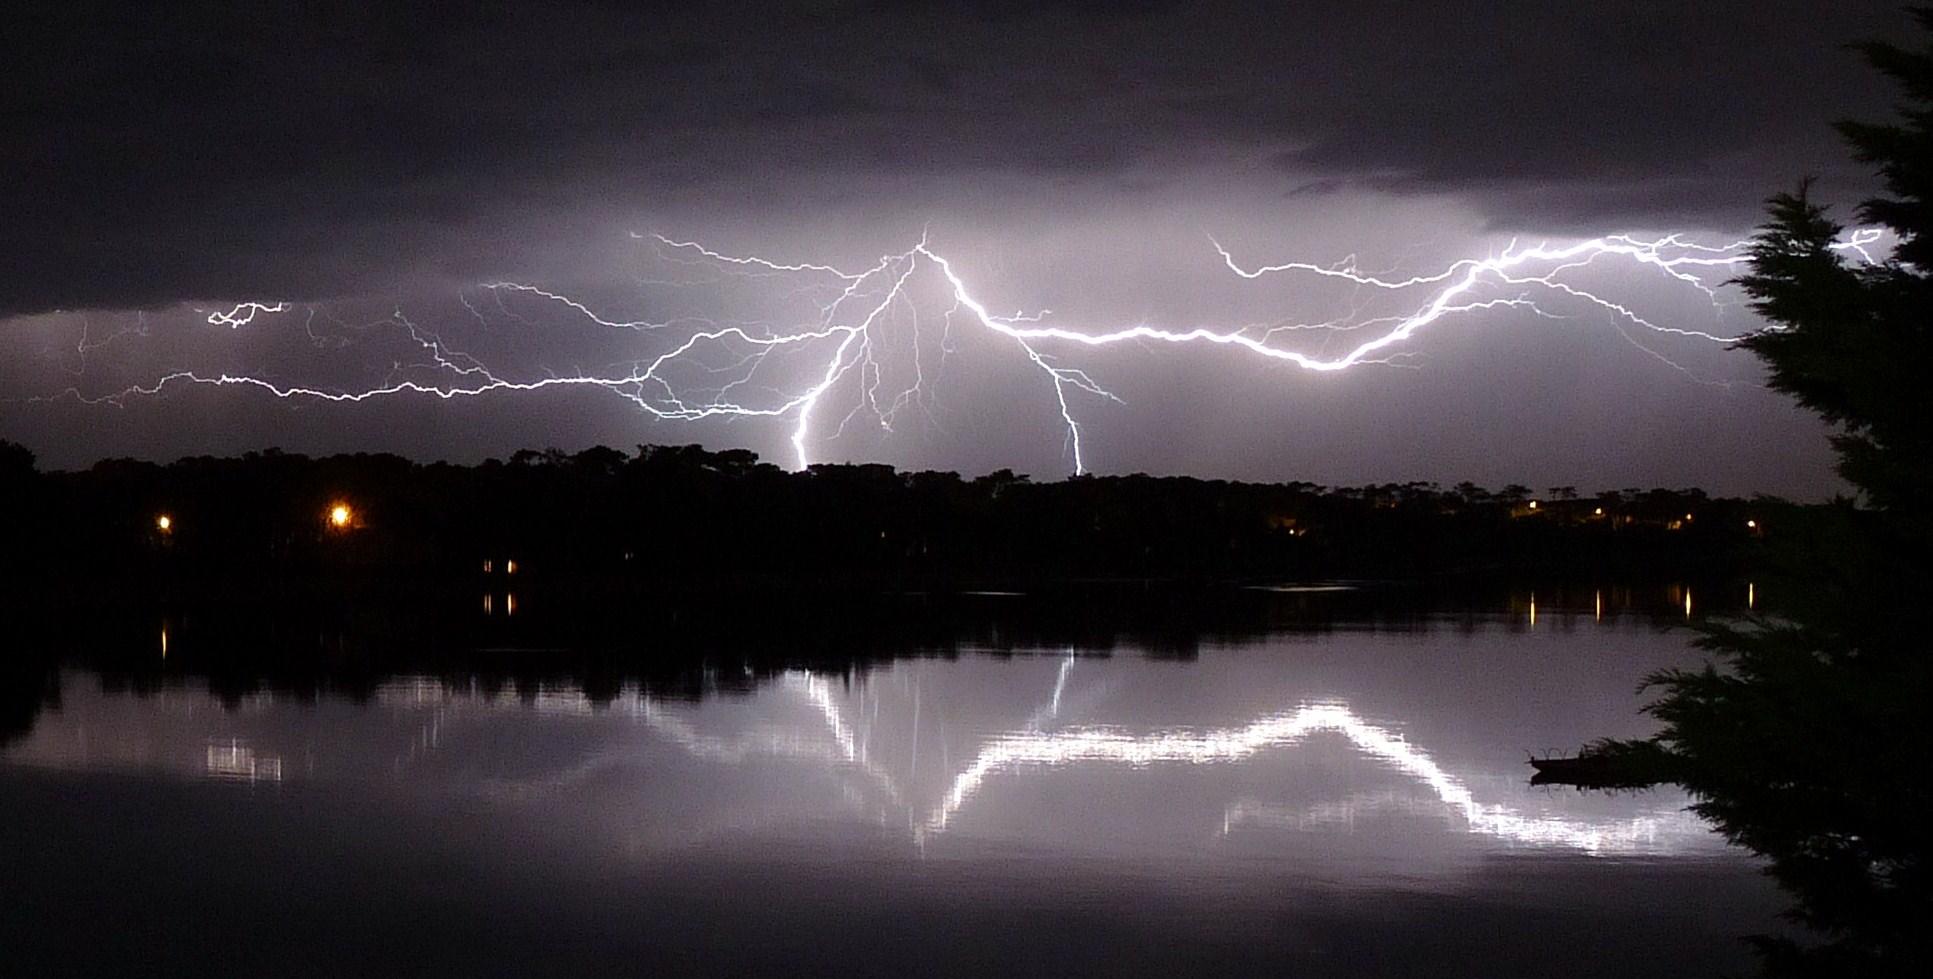 Noche de tormenta sobre el lago